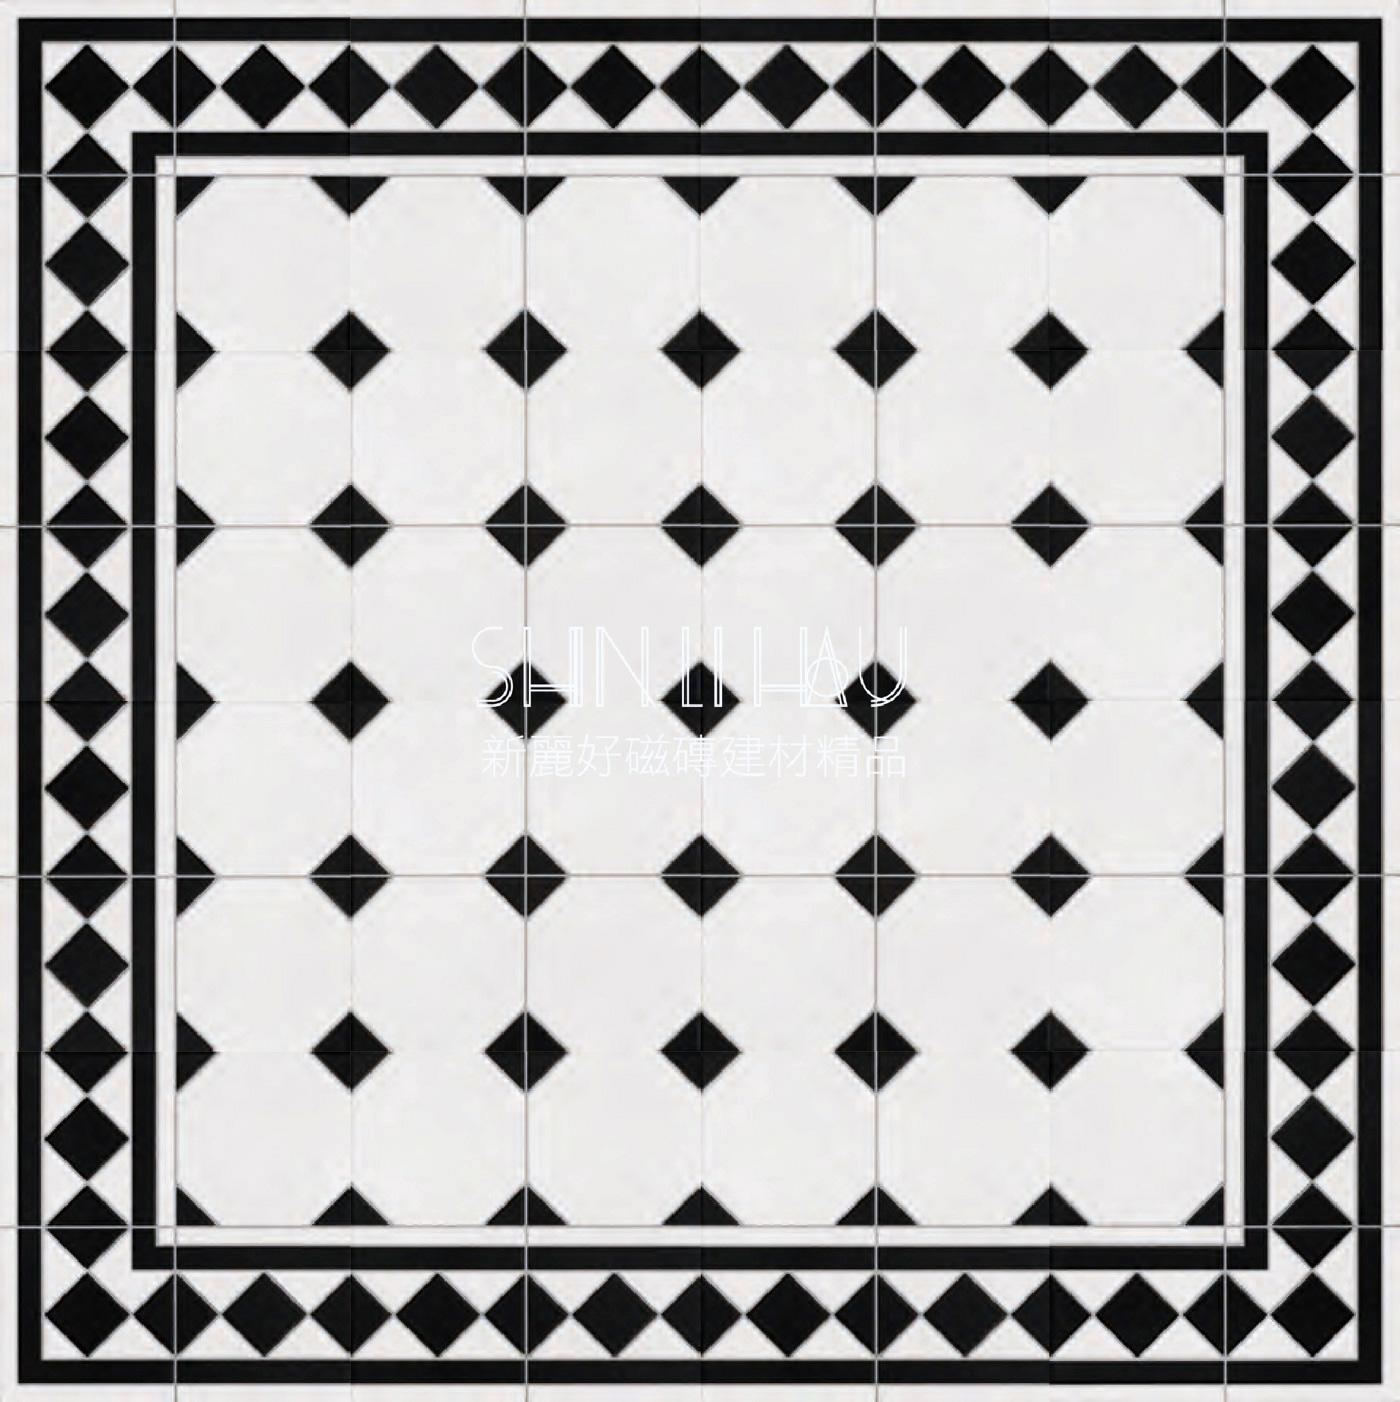 黑白棋盤格馬賽克組花磚-引領空間藝術美學新格調【一個戀家的開始...愛上新古典風格】 - 素花